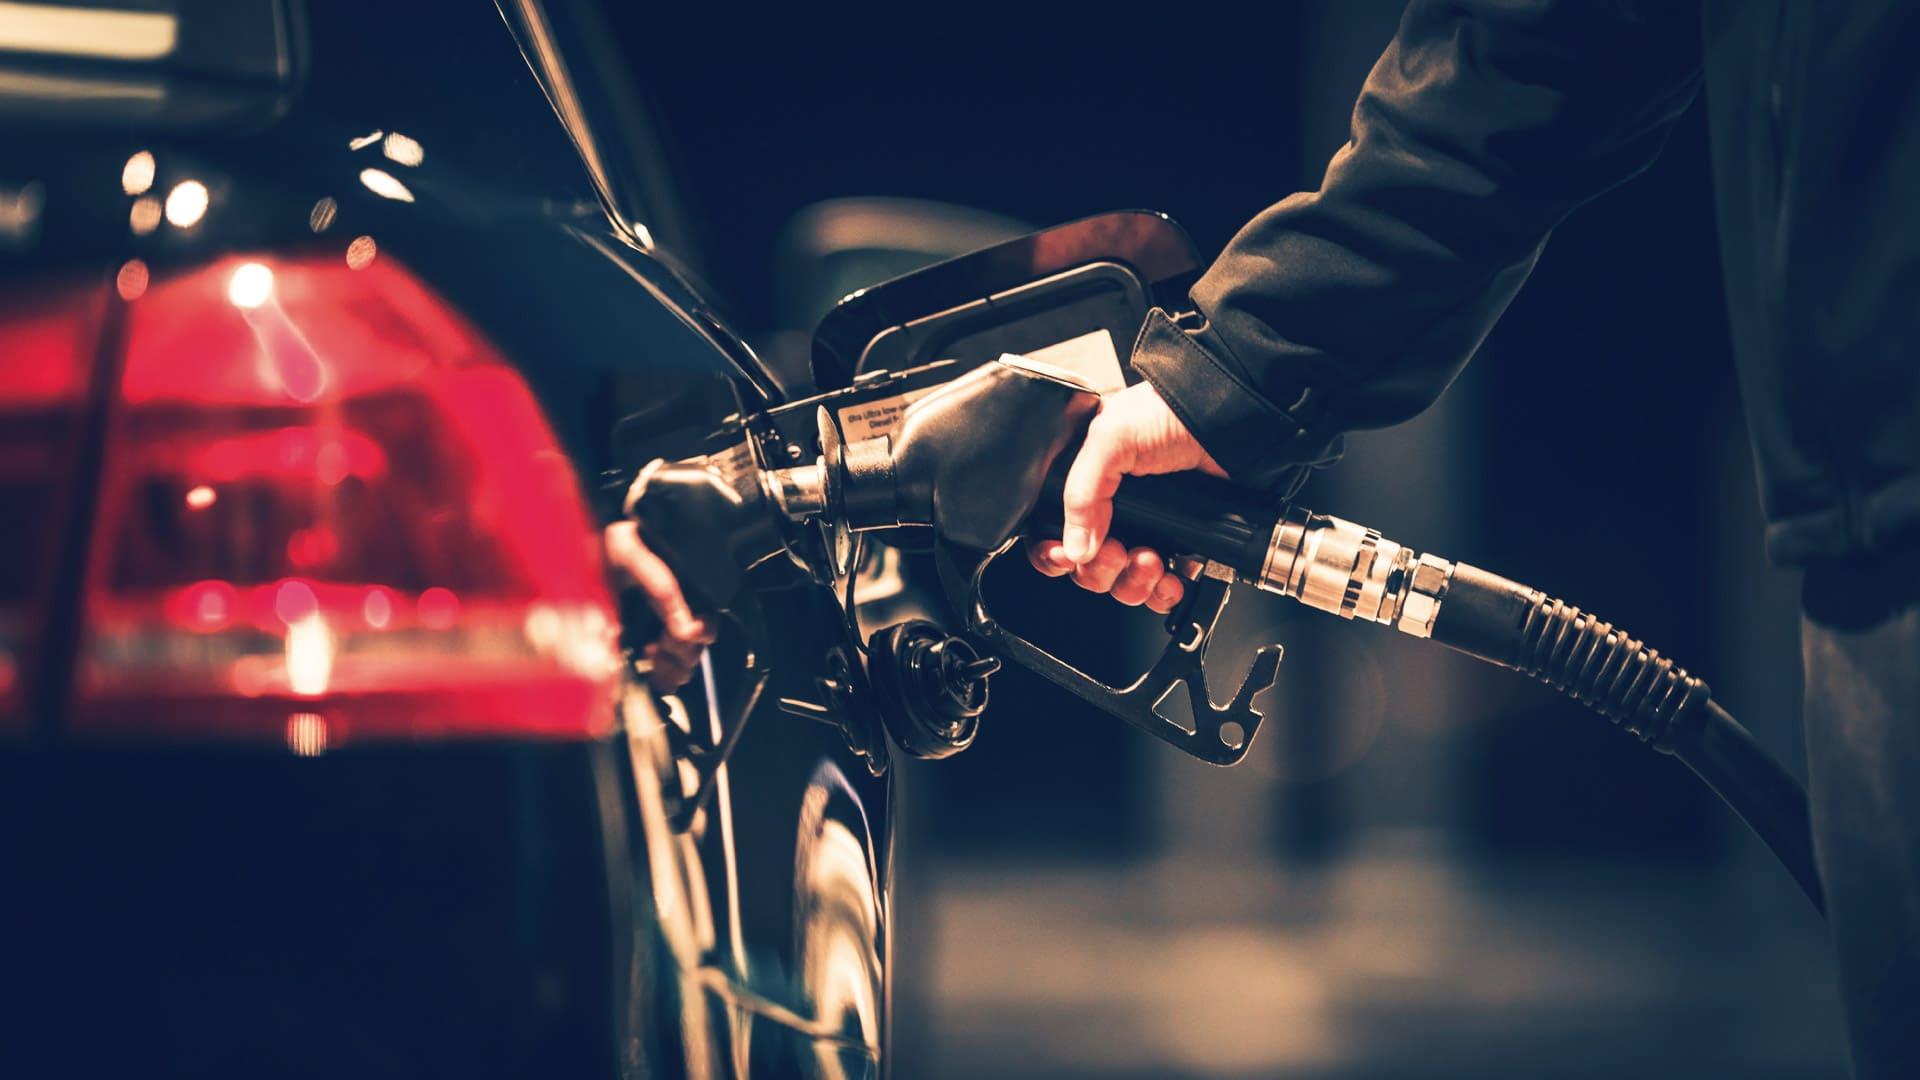 3 centimos descuento por litro en Gas express el día 30